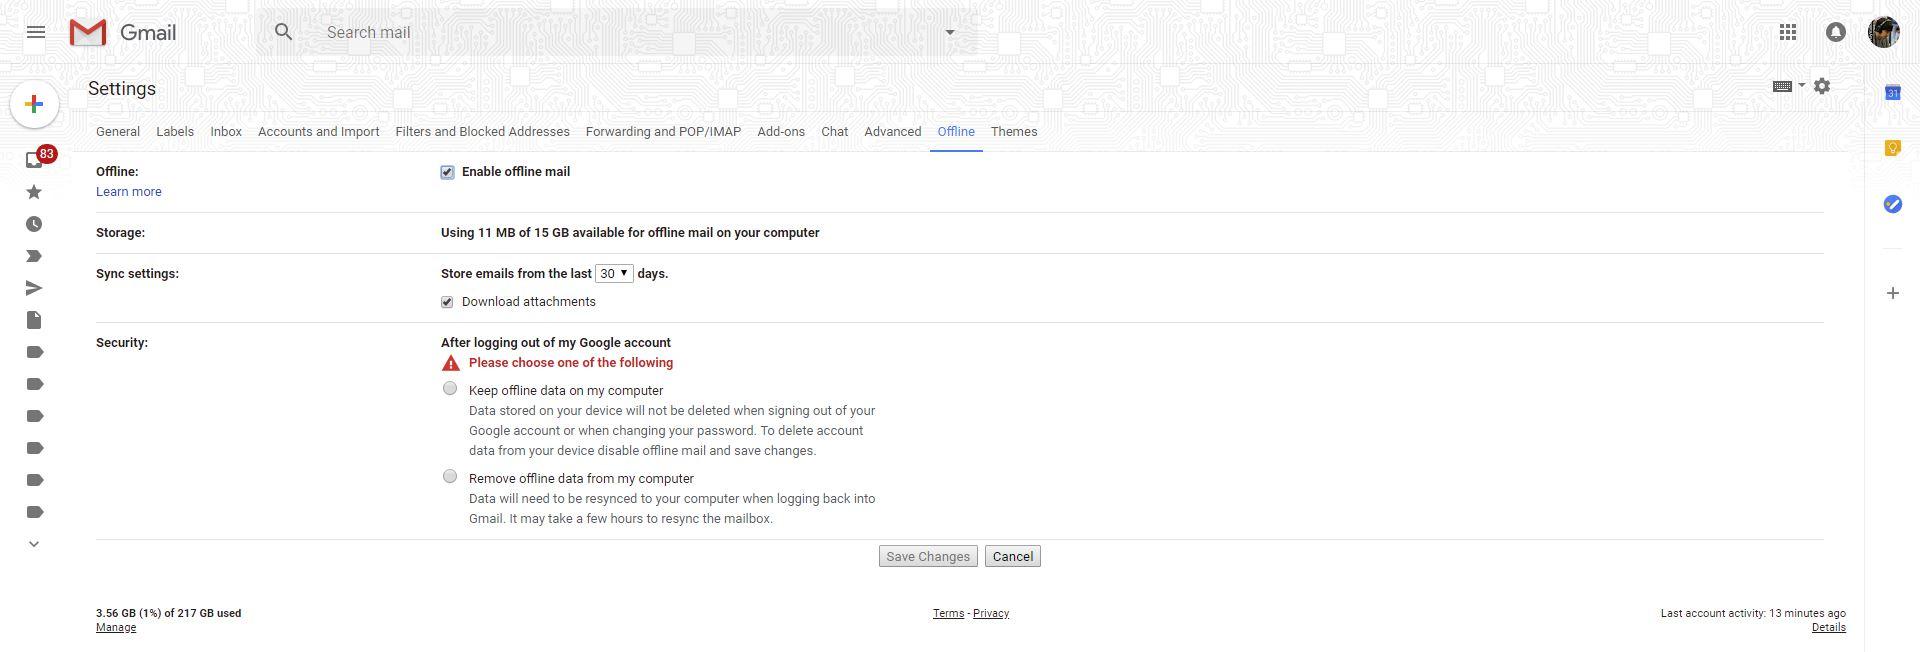 วิธีใช้งาน Gmail แบบไม่ต้องเชื่อมต่ออินเทอร์เน็ต (Offline)